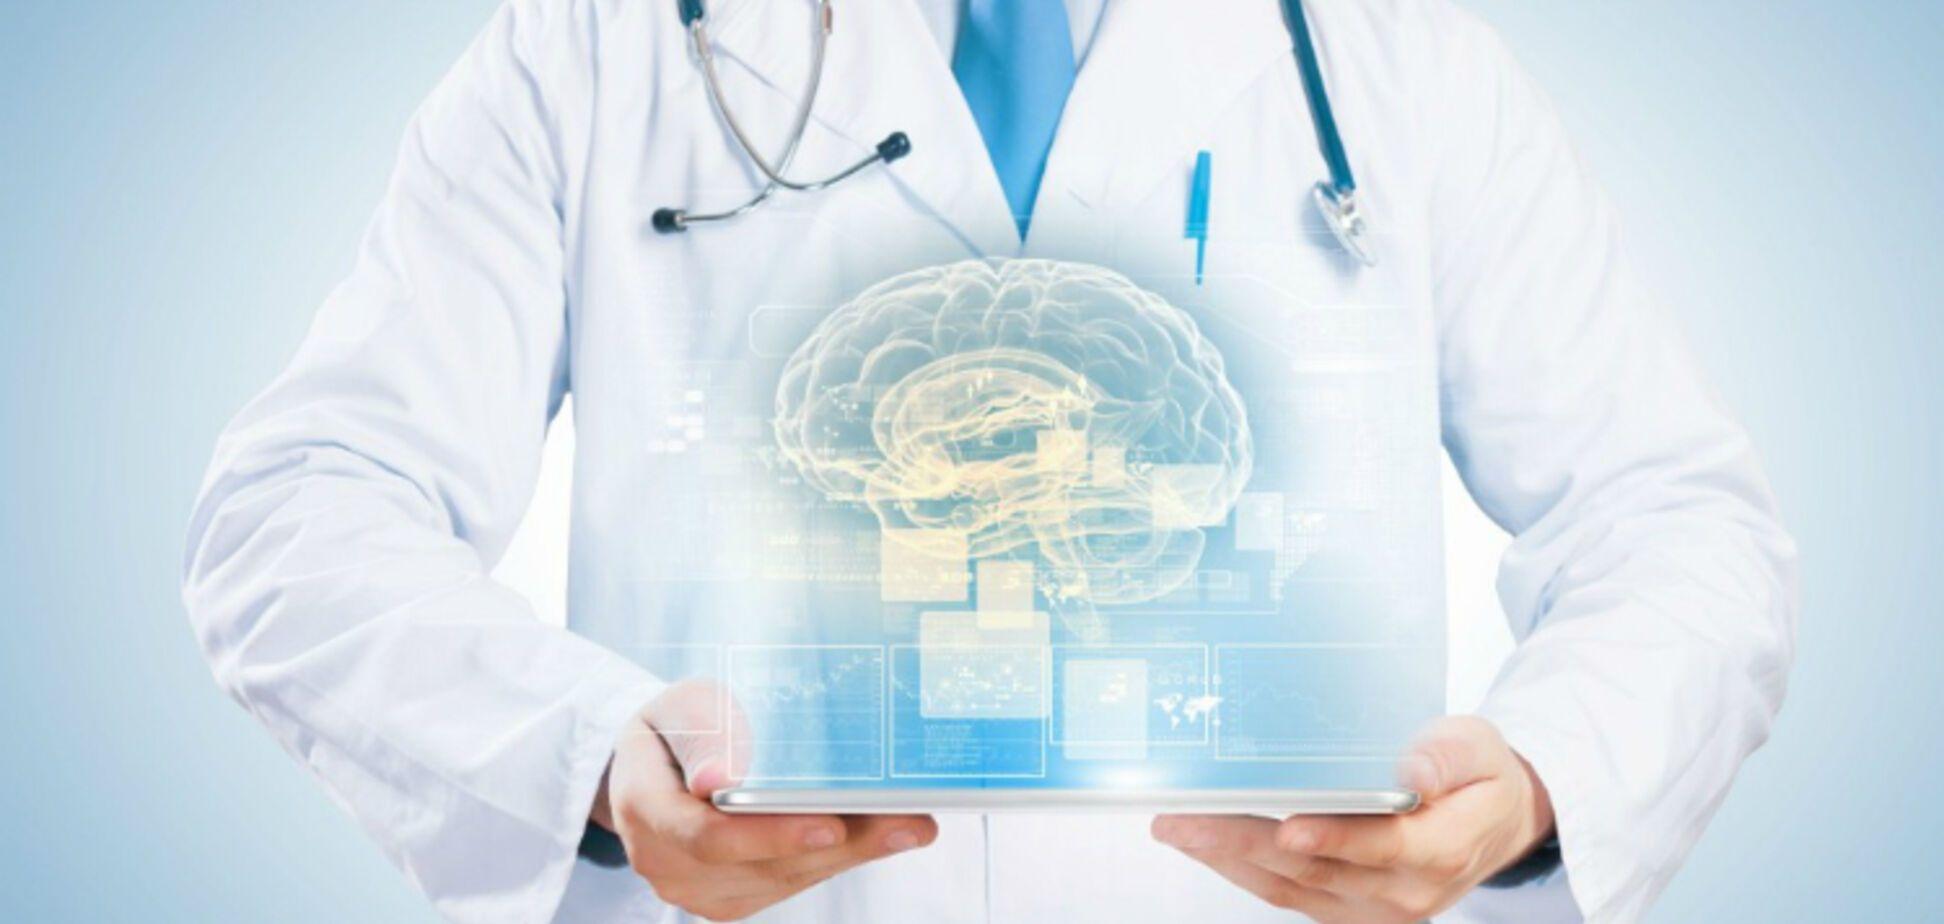 Прорыв 2017 года: названы достижения в лечении инсульта и рассеянного склероза